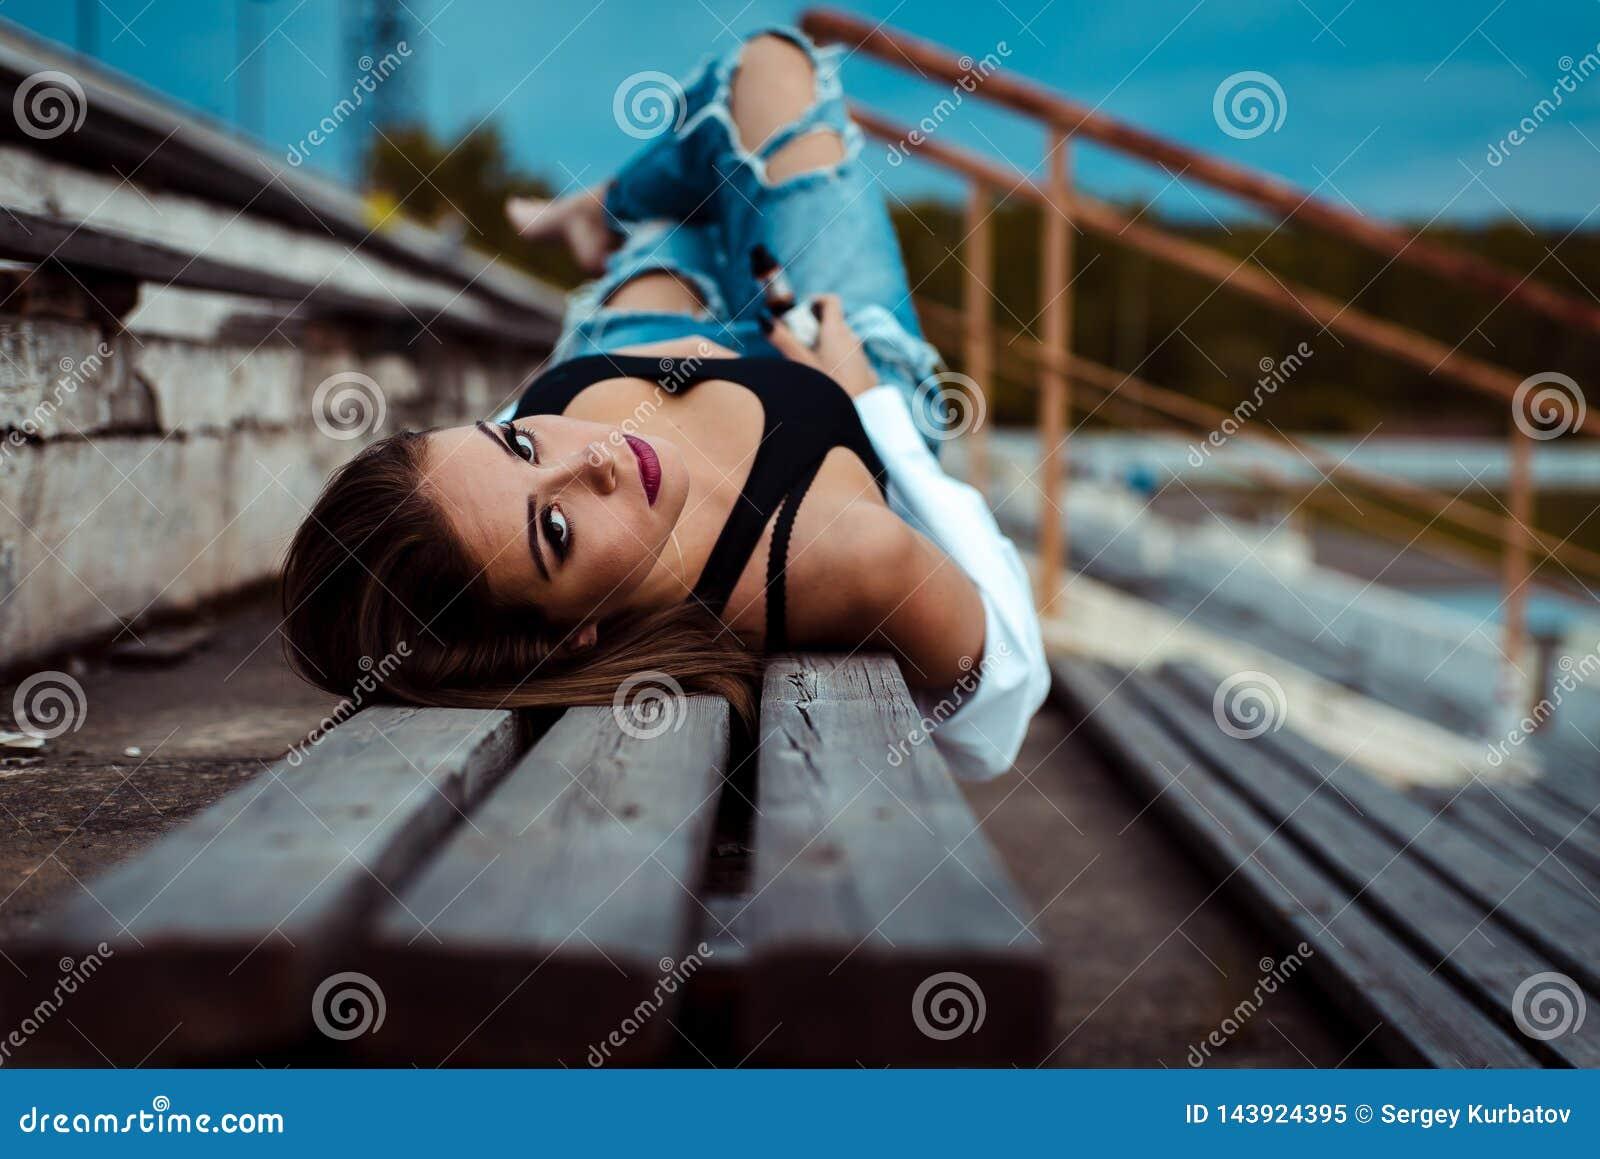 Η νέα προκλητική γυναίκα βρίσκεται σε έναν ξύλινο πάγκο Παίρνει το σπάσιμο μετά από το workout στη γυμναστική υπαίθριος